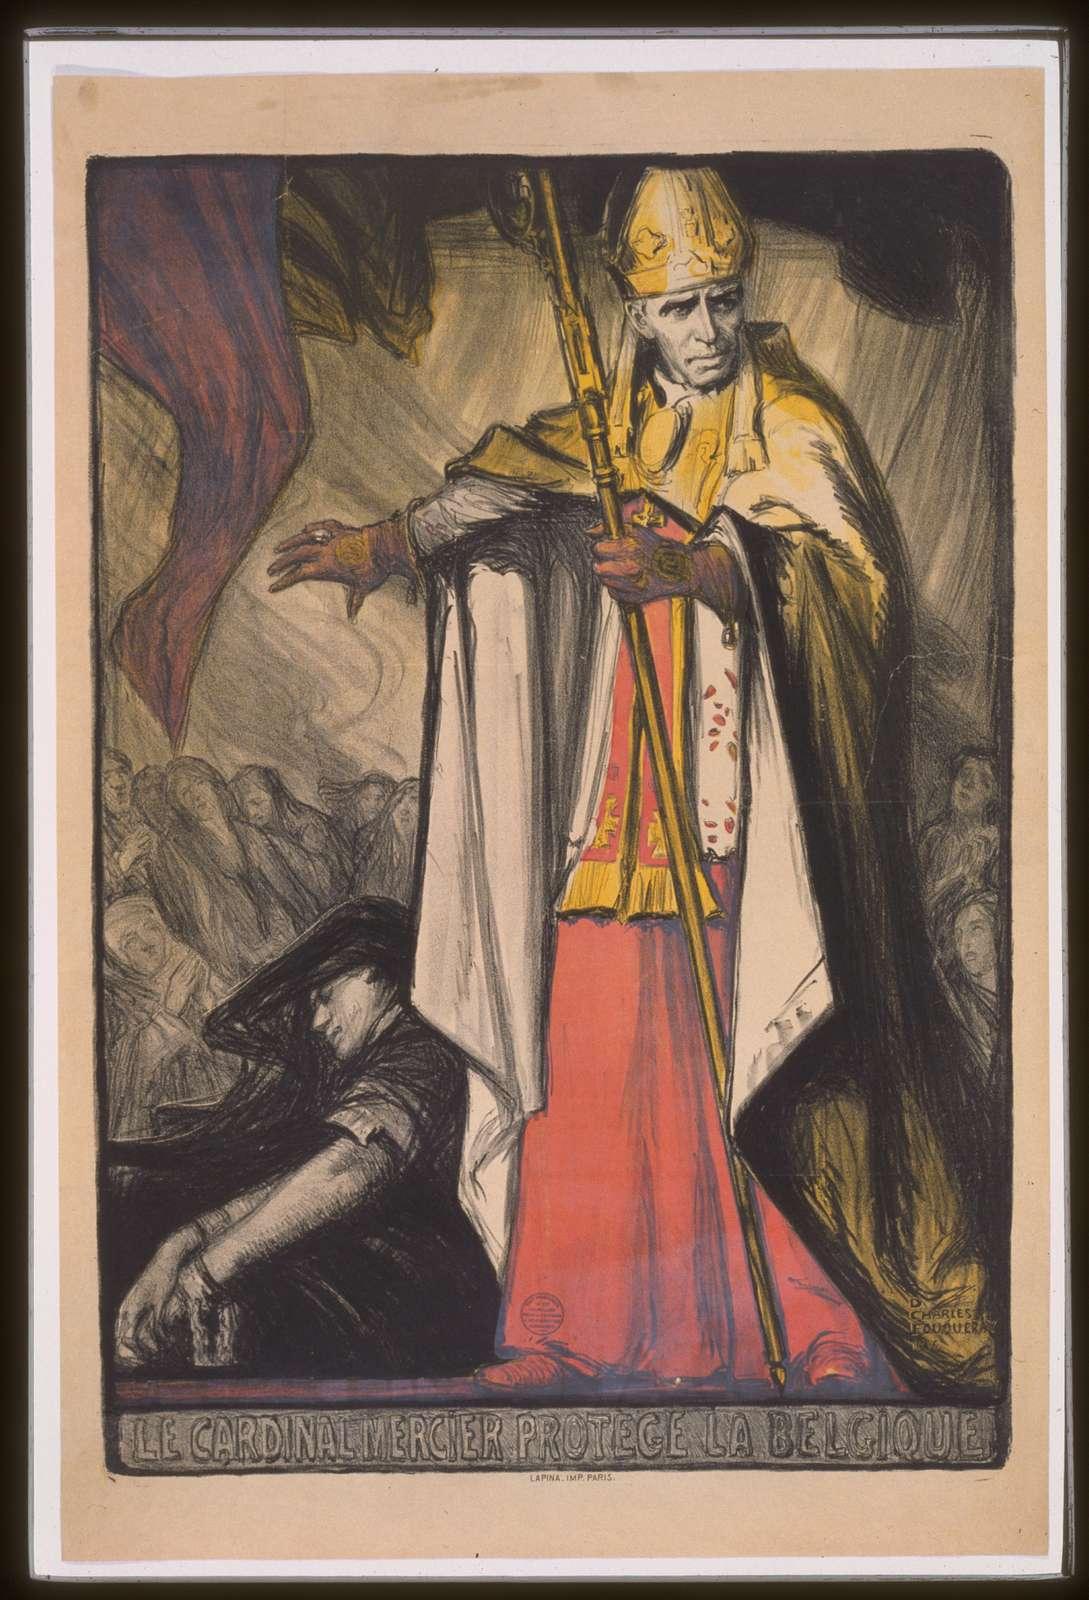 Le Cardinal Mercier protége la Belgique